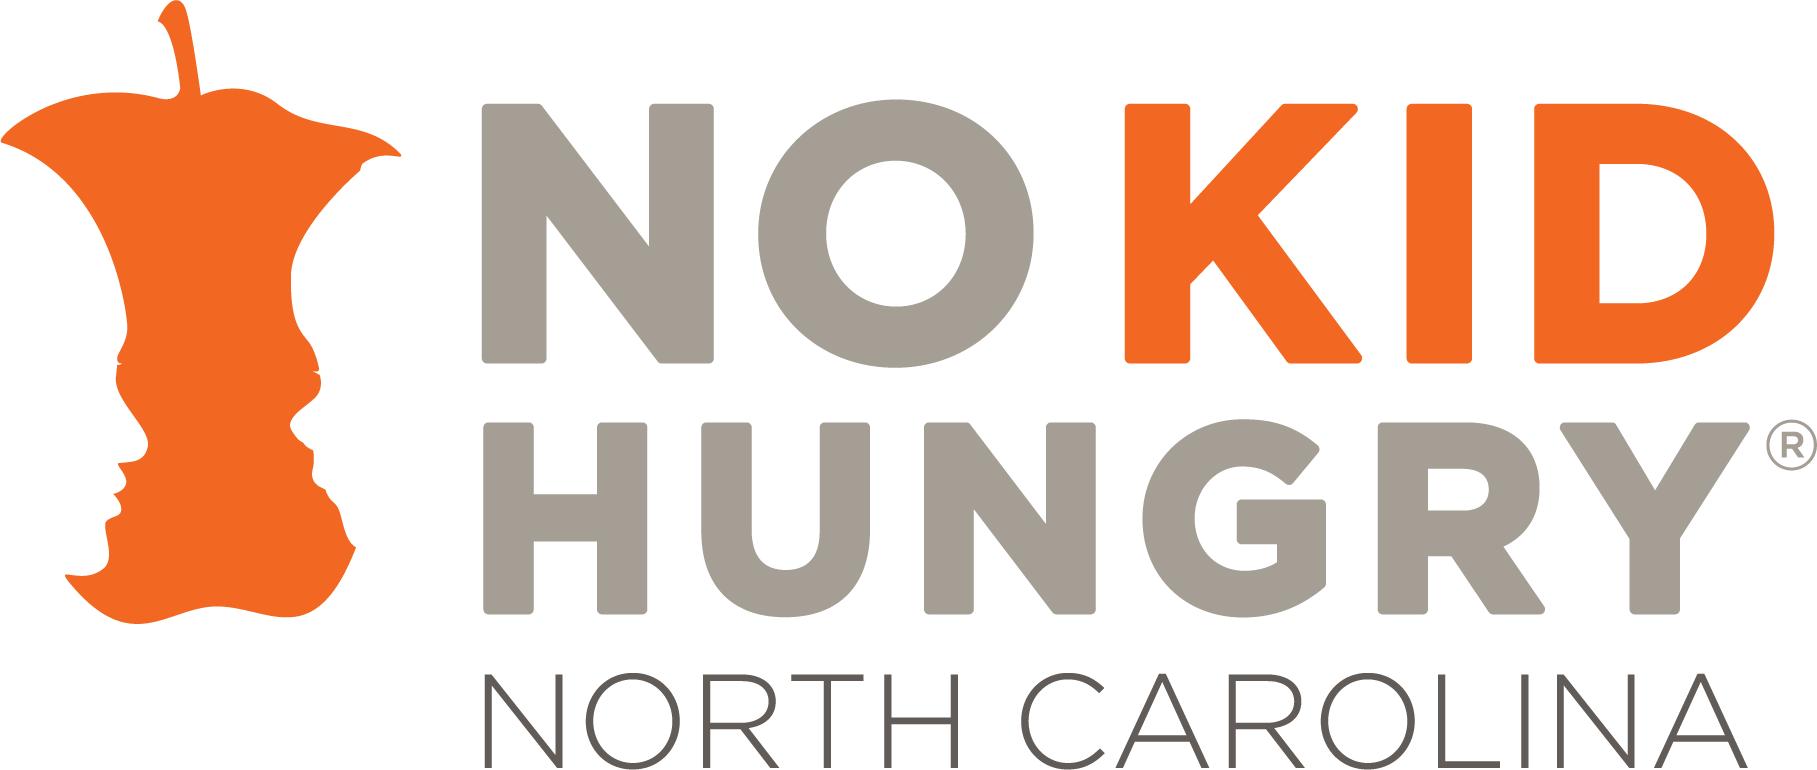 NKH-NC-logo-v2018-white-background.png